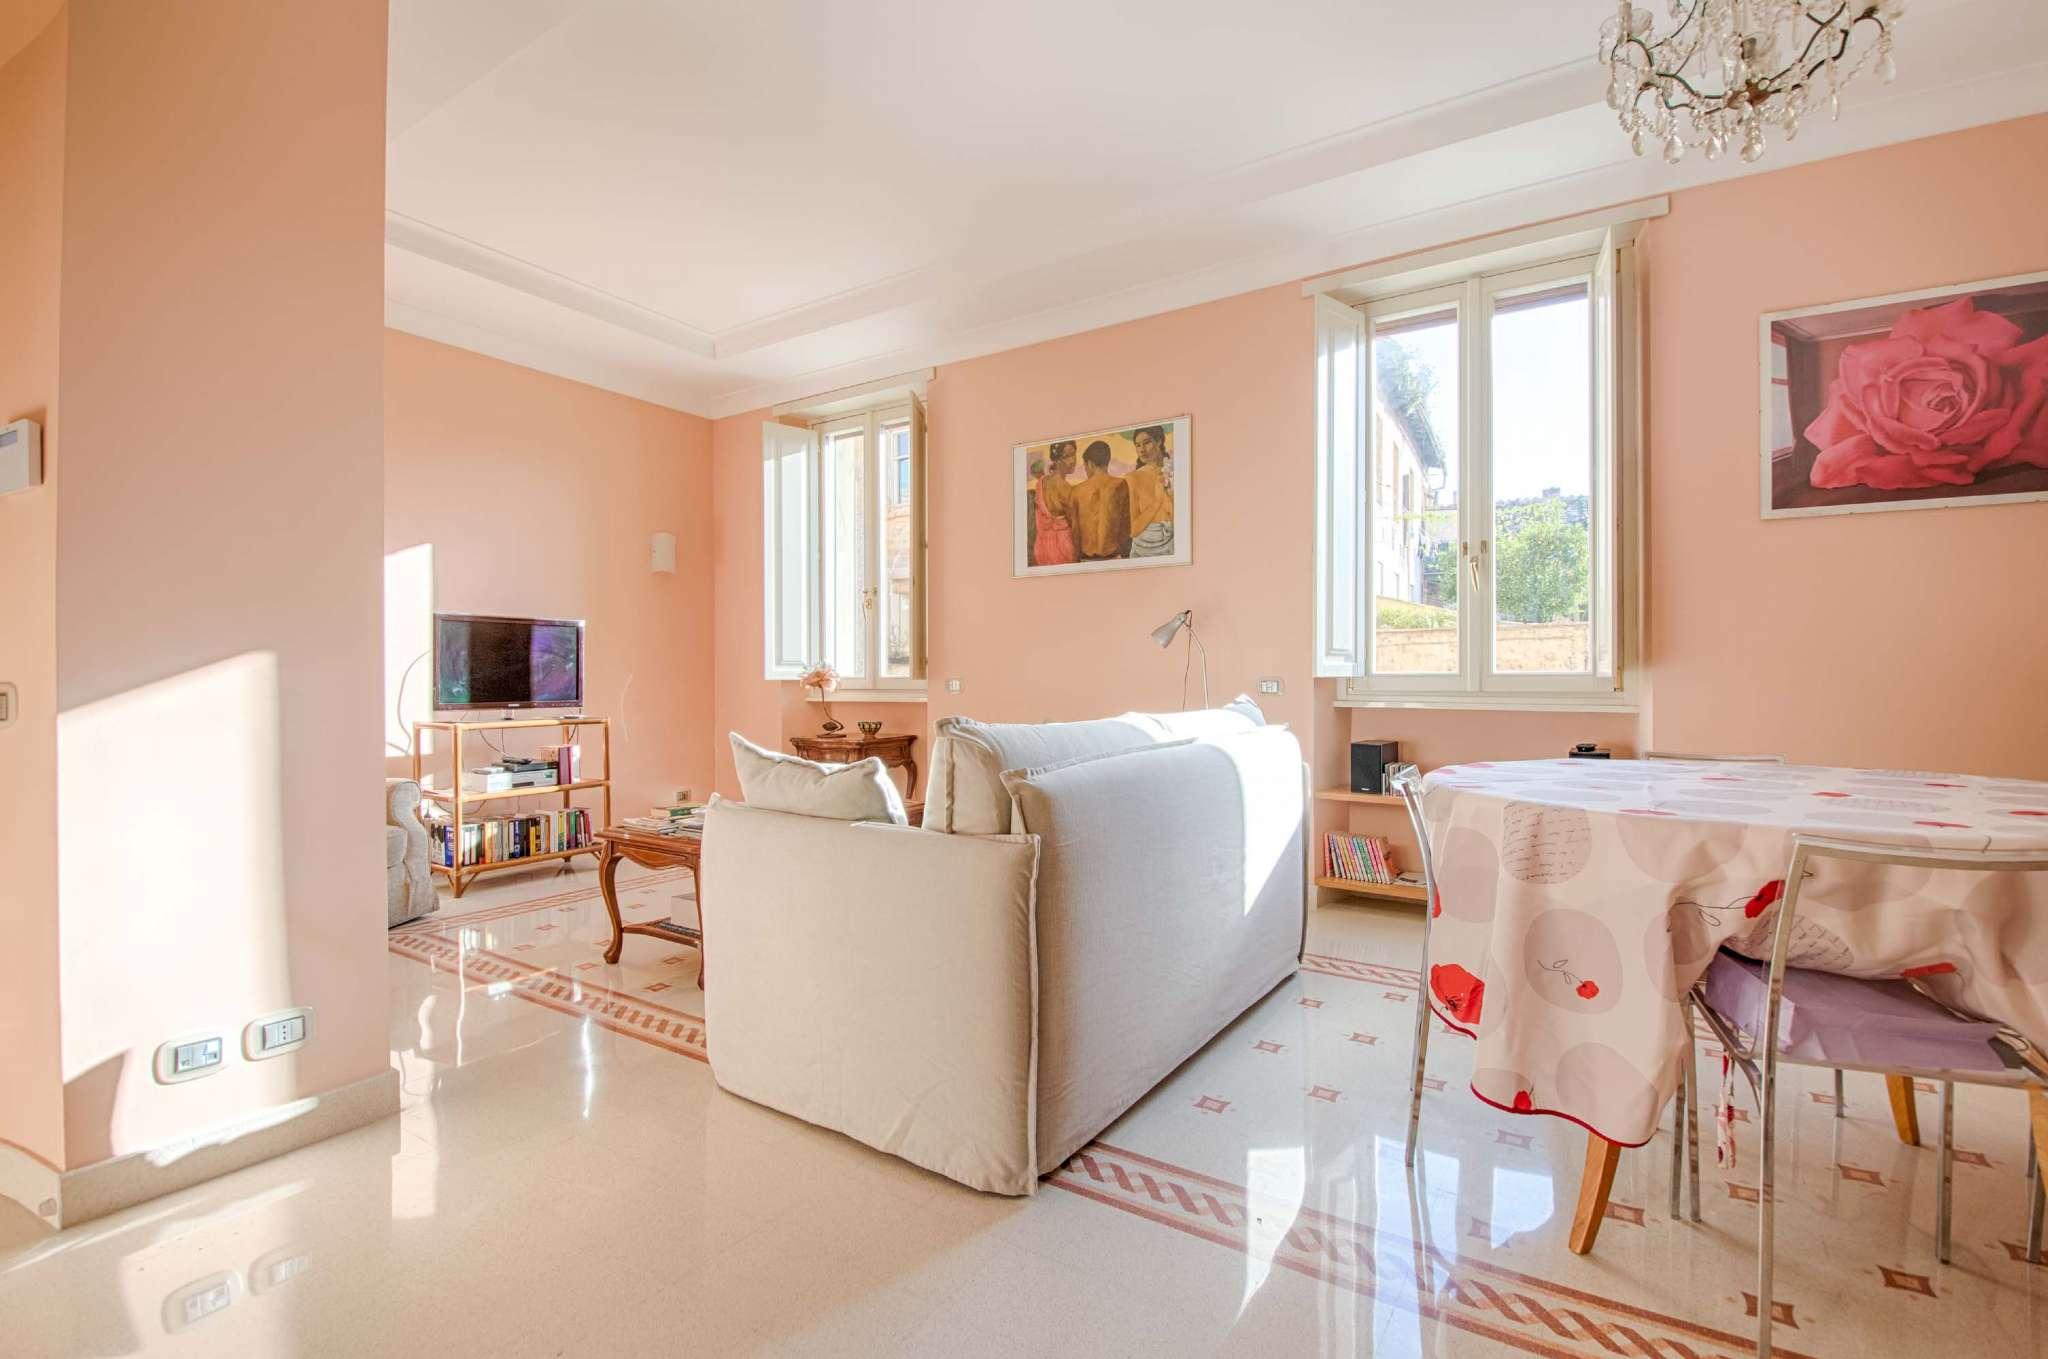 Appartamento in vendita a Roma, 3 locali, zona Zona: 25 . Trastevere - Testaccio, prezzo € 530.000   CambioCasa.it